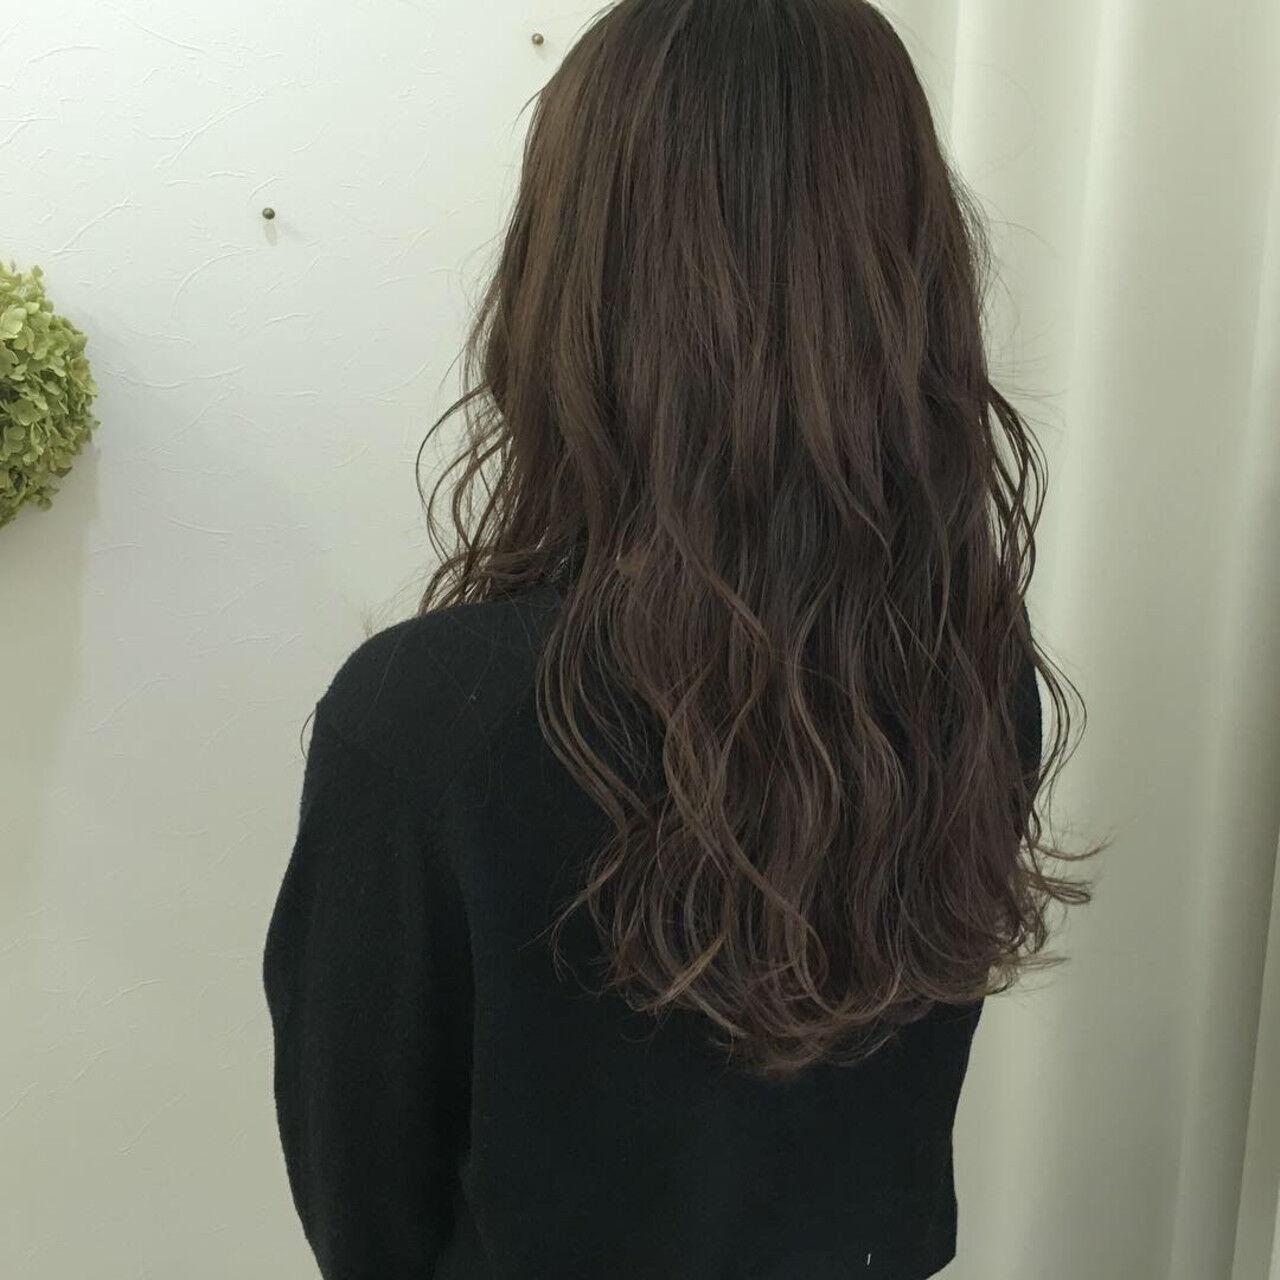 バレイヤージュ 外国人風カラー アッシュグレージュ ハイライトヘアスタイルや髪型の写真・画像